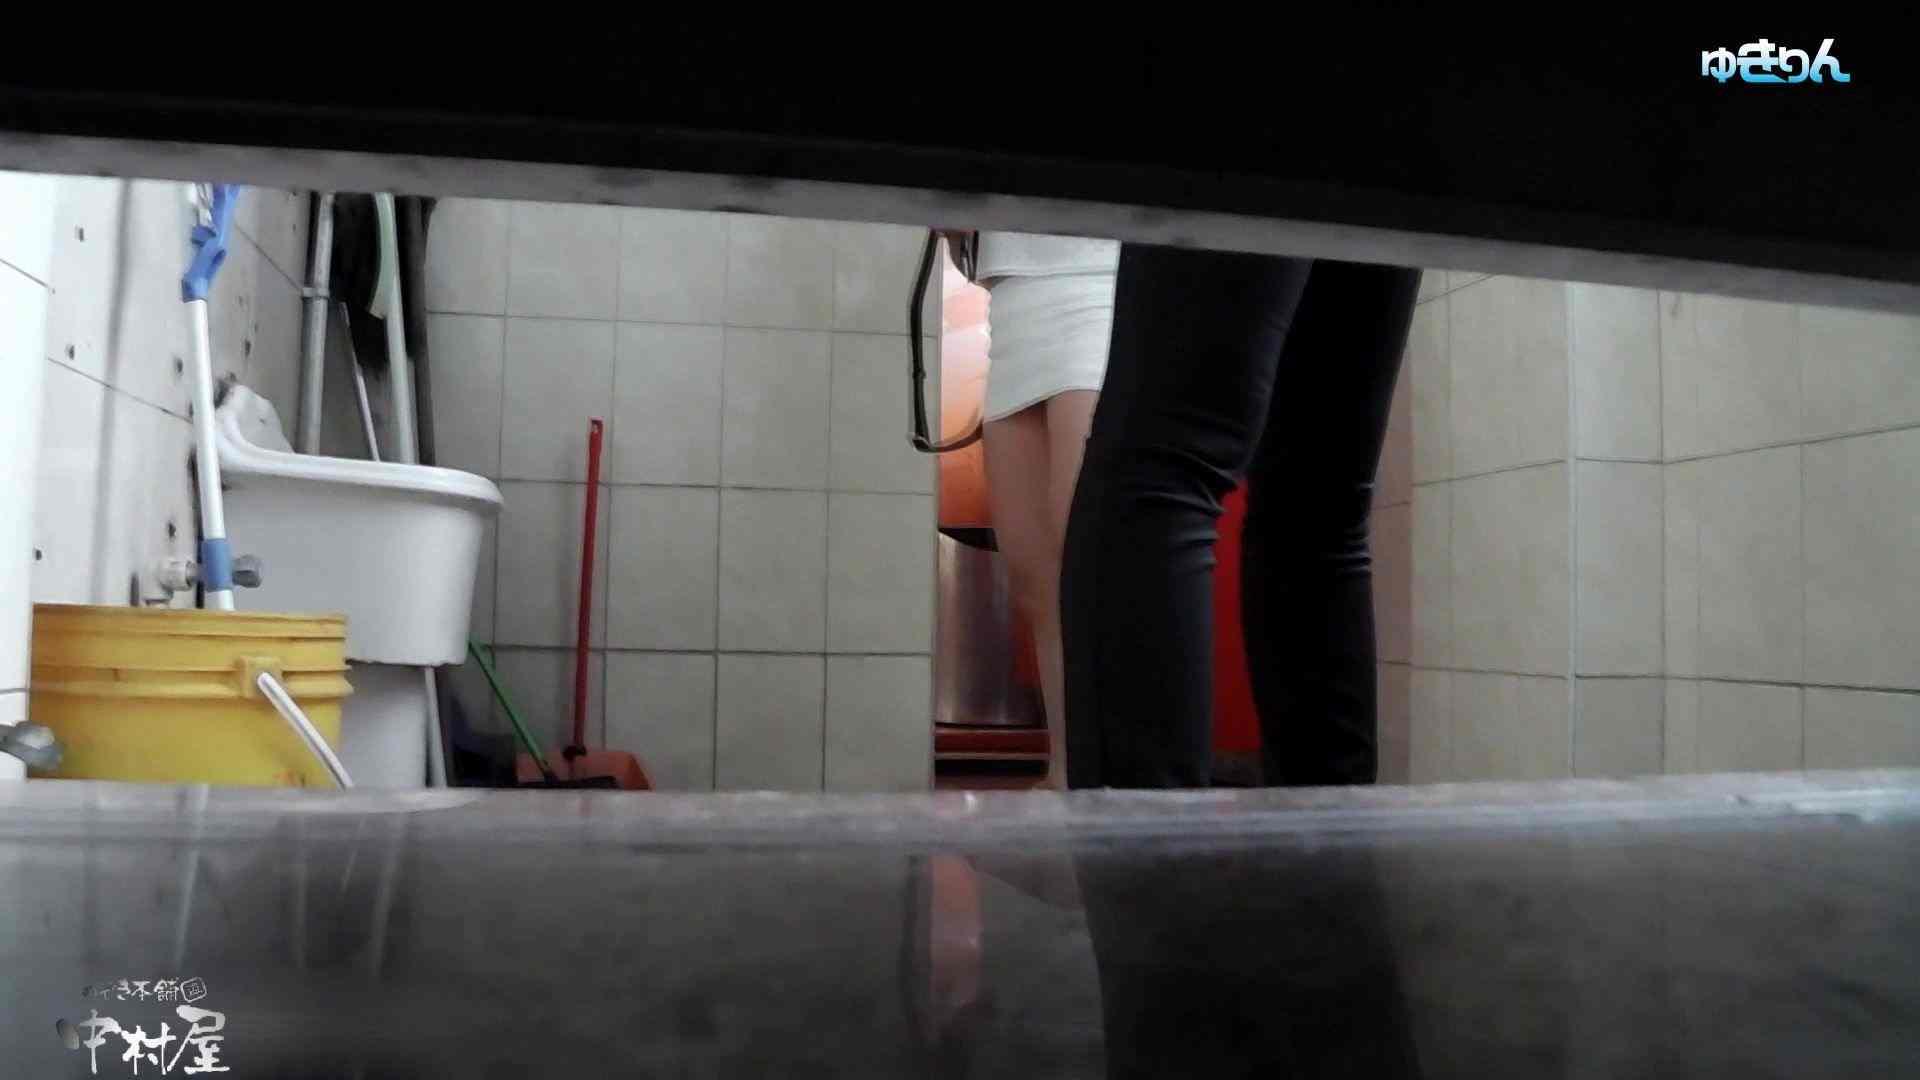 世界の射窓から~ステーション編 vol60 ユキリン粘着撮り!!今回はタイトなパンツが似合う美女 美女まとめ  113PIX 76